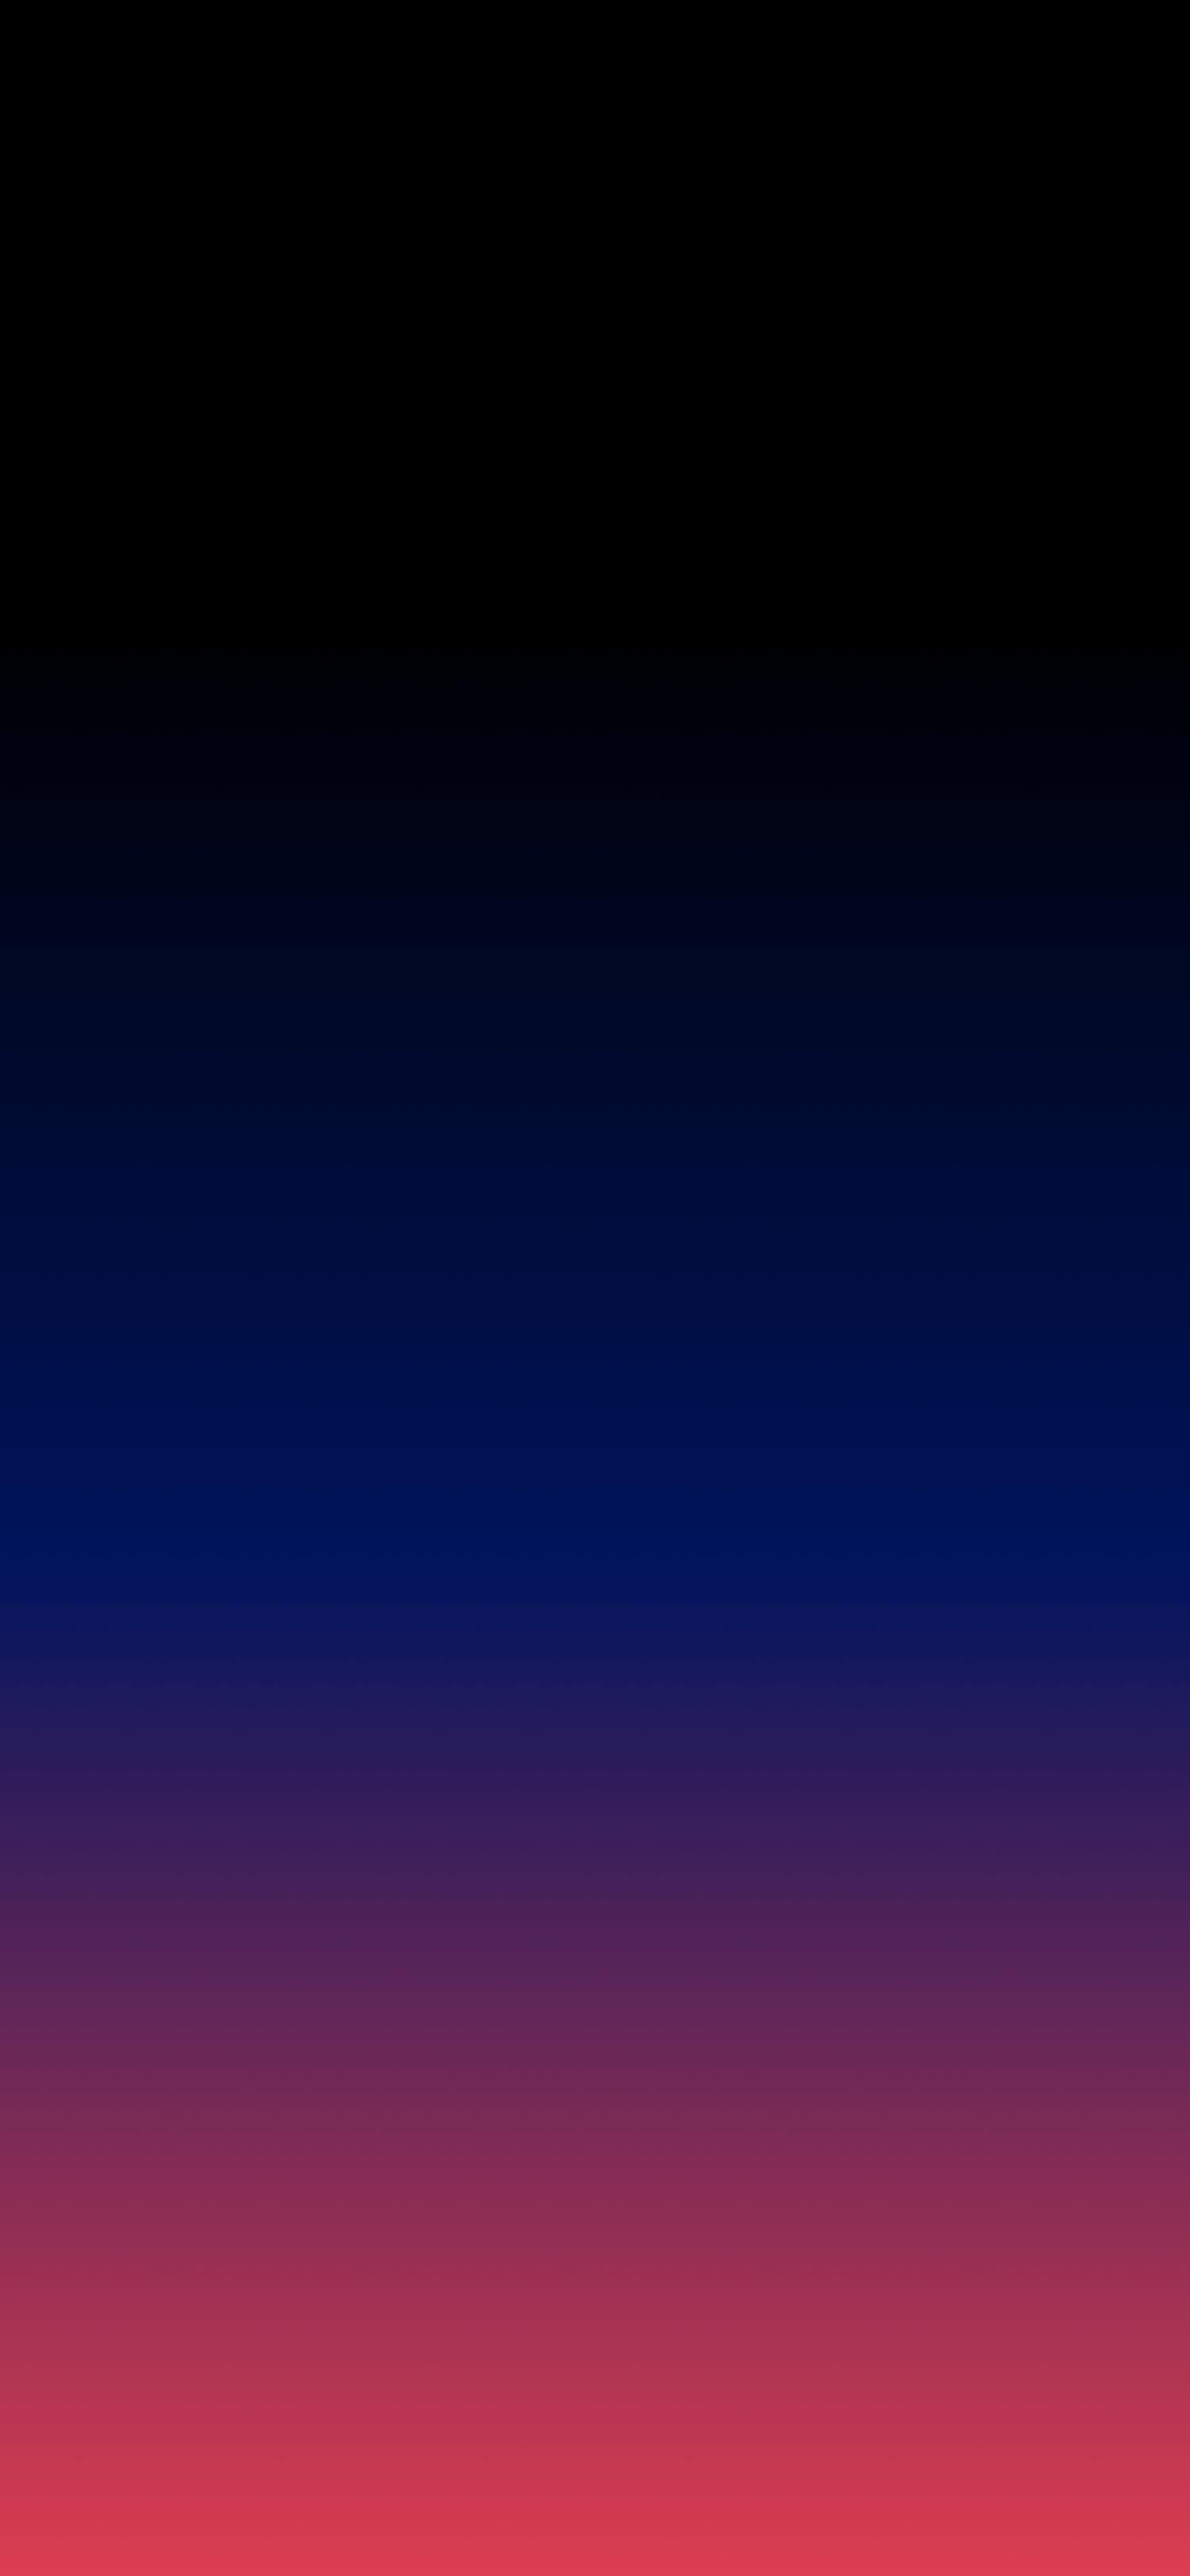 10 Fonds D Ecran Sombres Et Simples Pour Iphone 11 Xs Xr X Iphone Soft